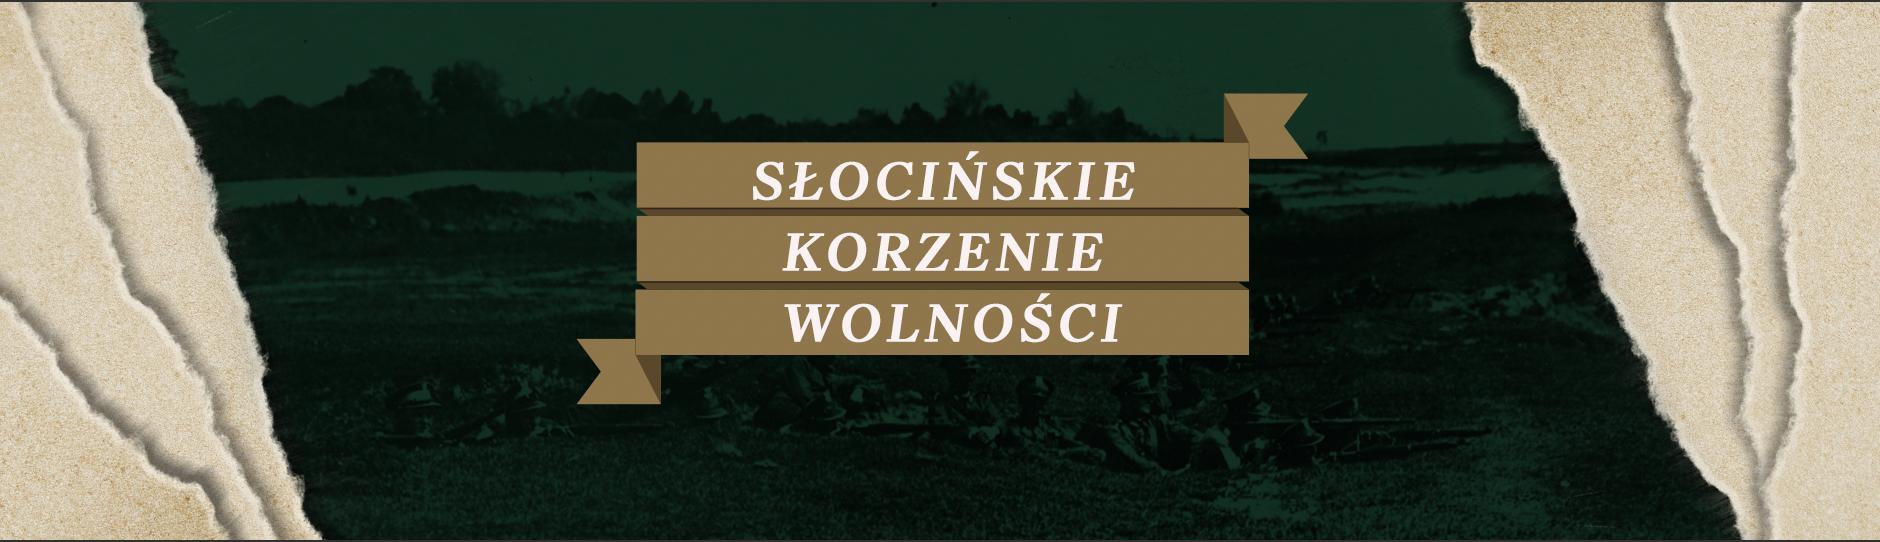 Slider - Słocińskie Korzenie Wolności